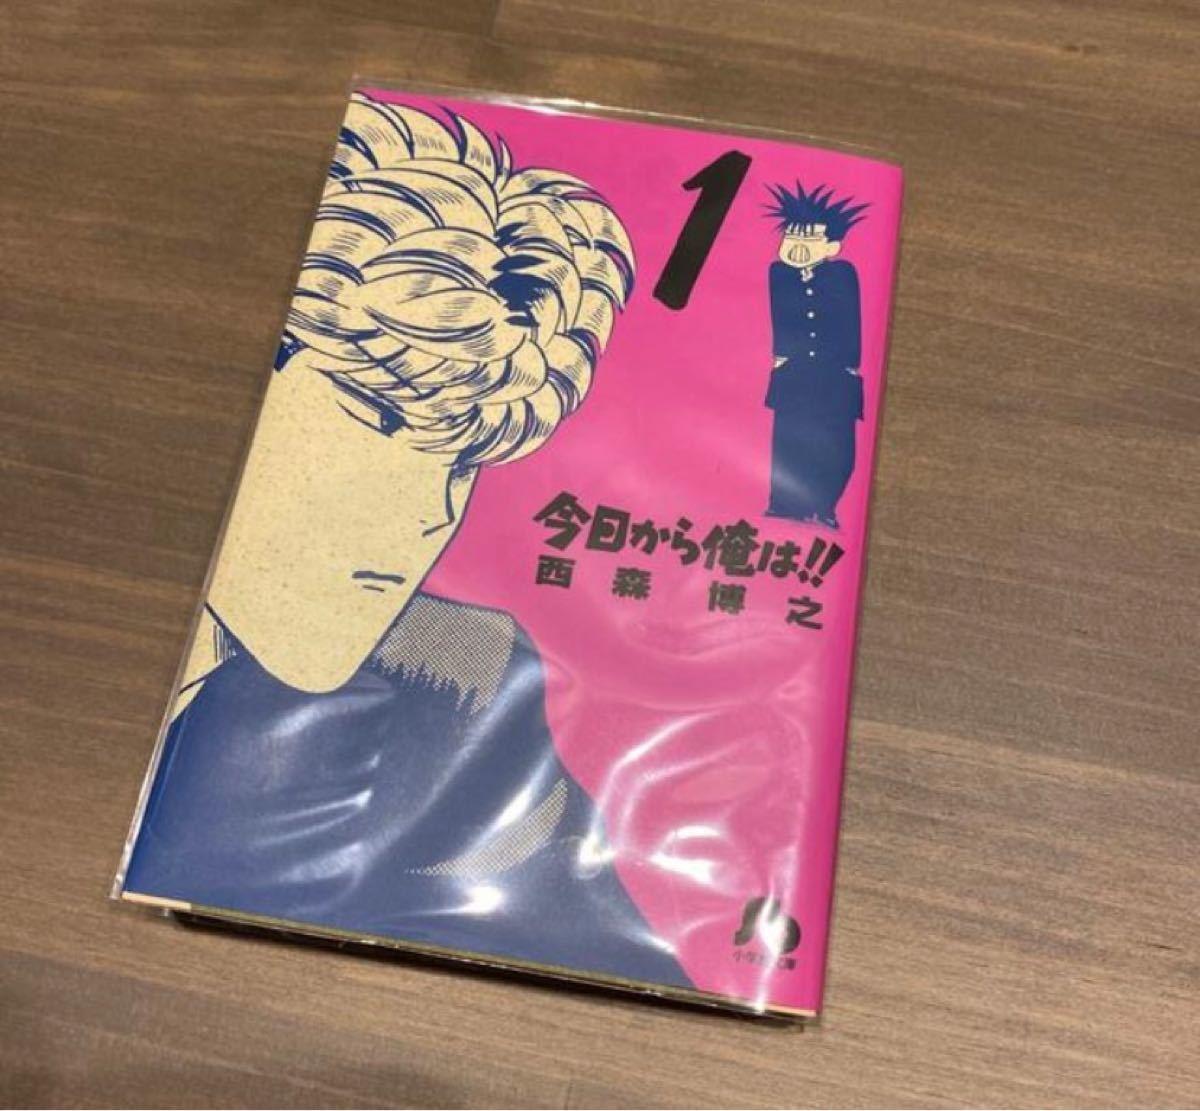 【全巻セット】今日から俺は!! 文庫版 全18巻